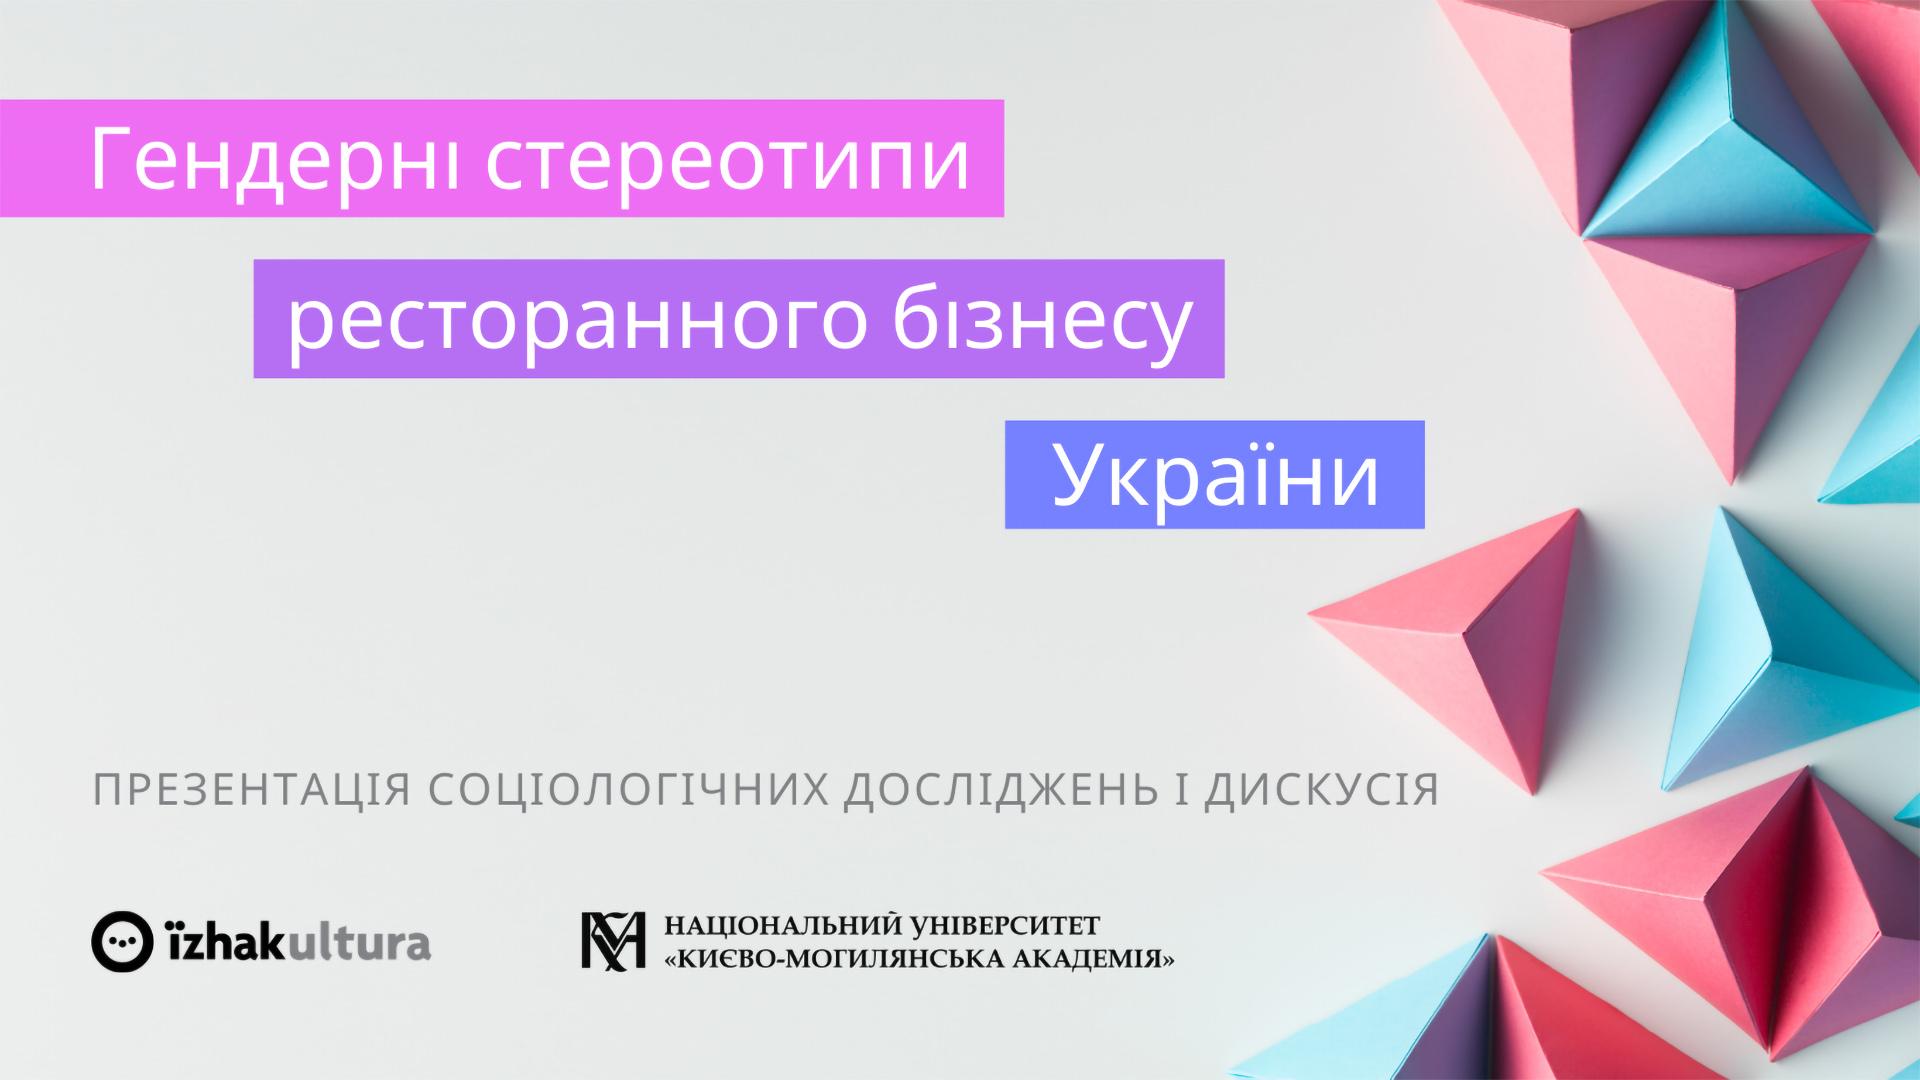 Гендерні стереотипи ресторанного бізнесу України: презентація соціологічних досліджень і дискусія